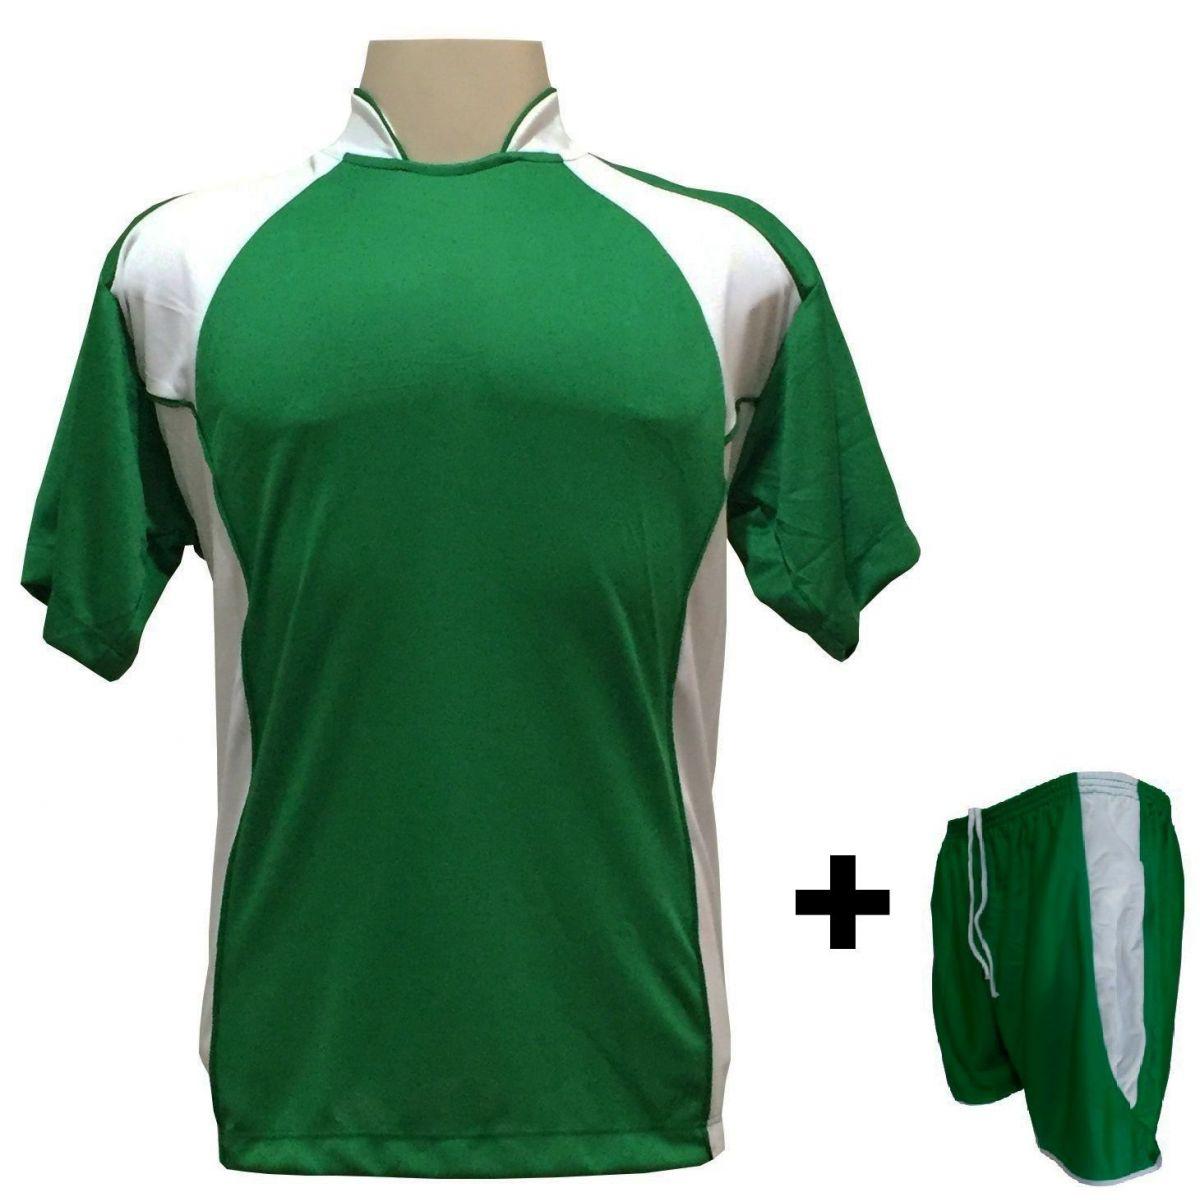 Uniforme Esportivo com 14 camisas modelo Suécia Verde/Branco + 14 calções modelo Copa + 1 Goleiro + Brindes